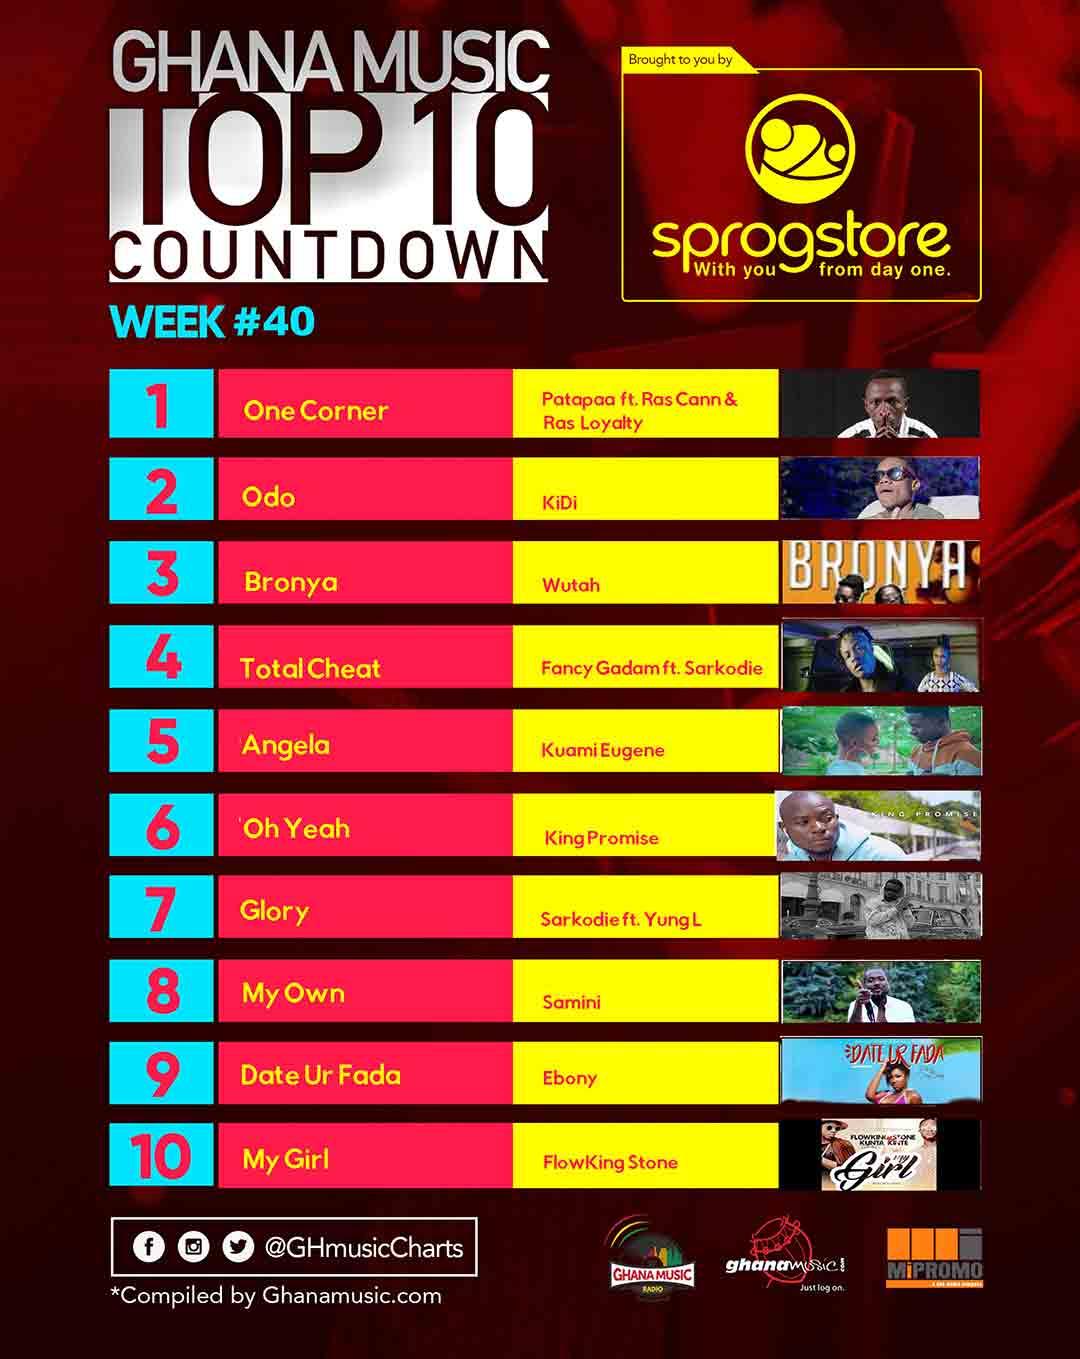 Week #40: Week ending Saturday, October 7th, 2017. Ghana Music Top 10 Countdown.